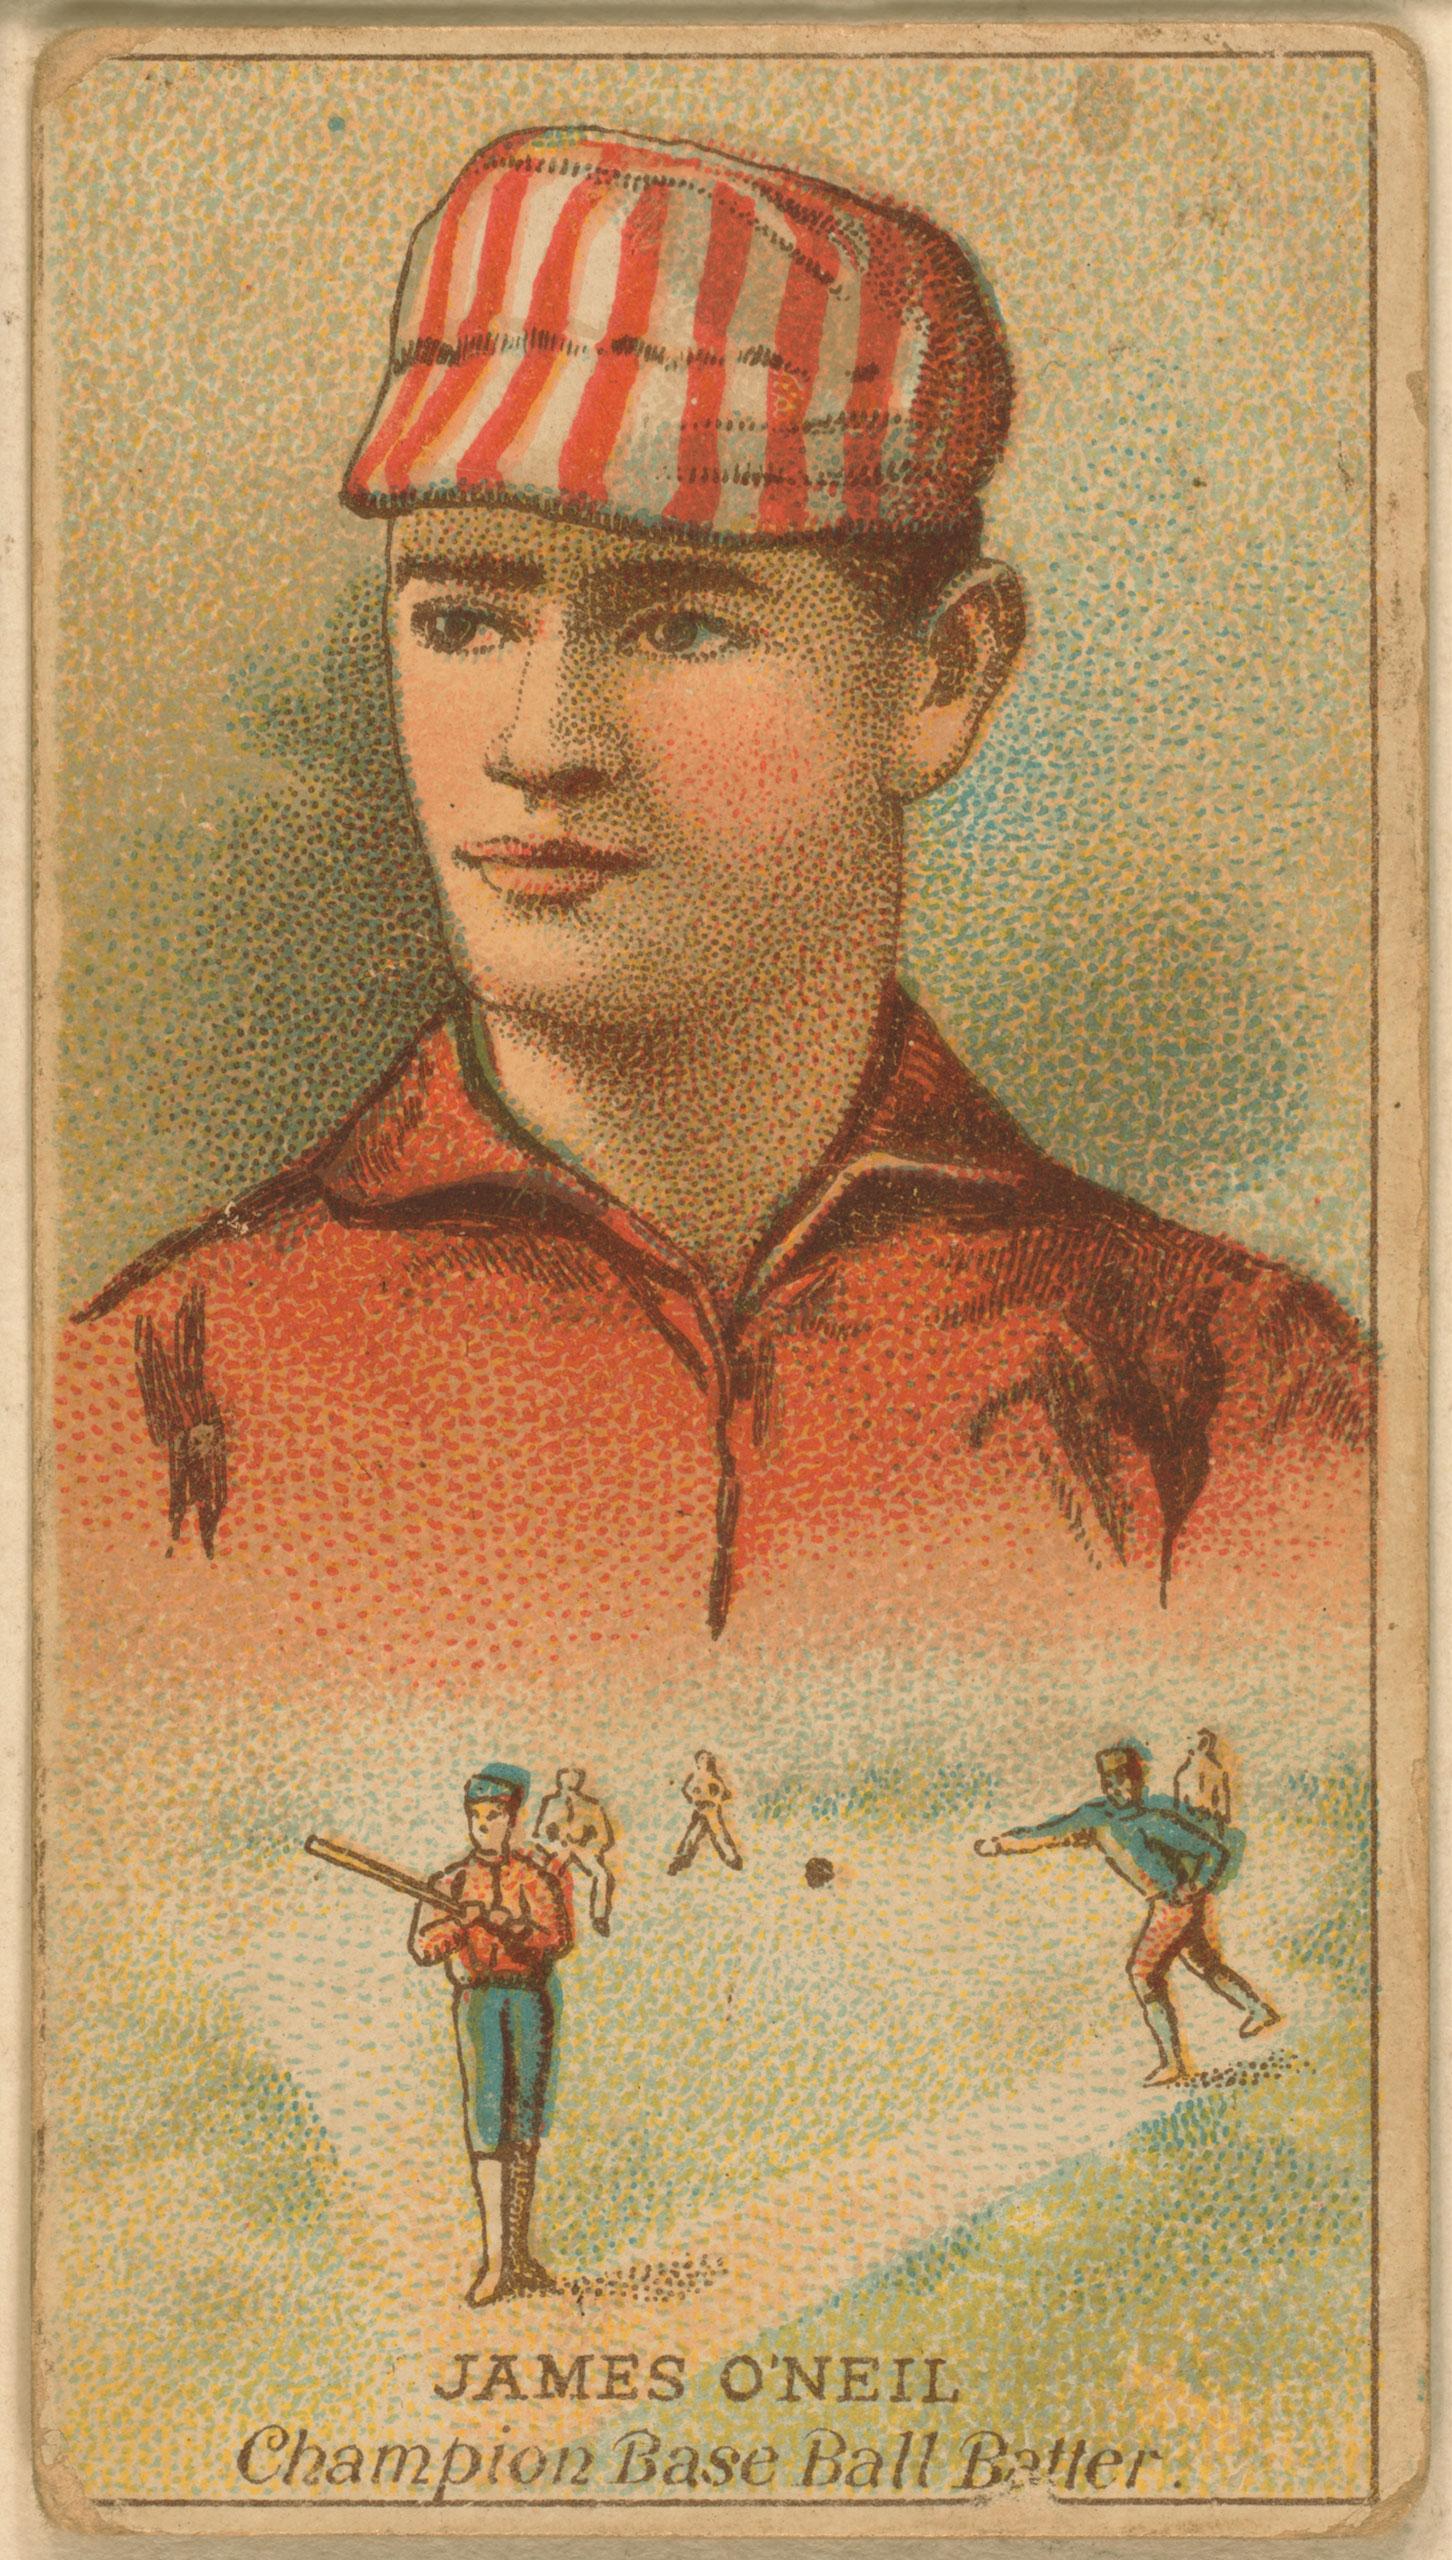 Tip O'Neill, St. Louis Browns, baseball card, 1888.